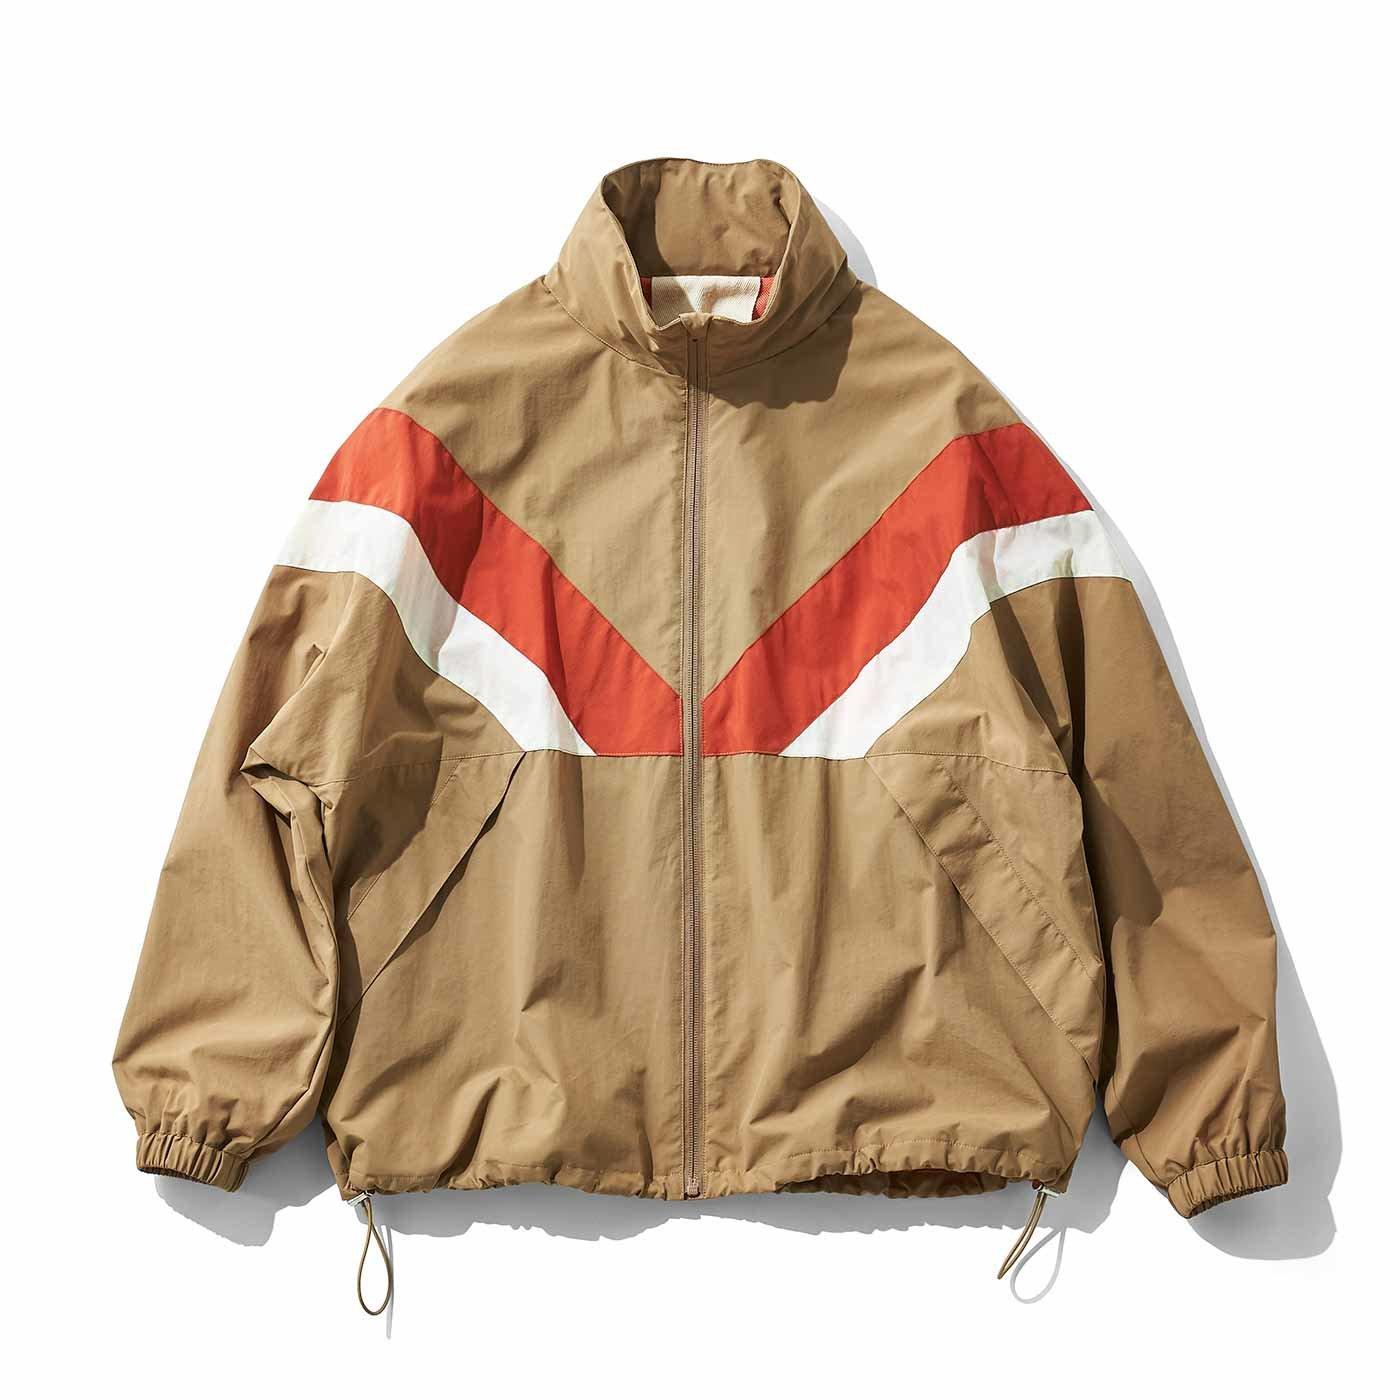 MEDE19F ラウンデッドナイロントラックジャケット〈ベージュ〉